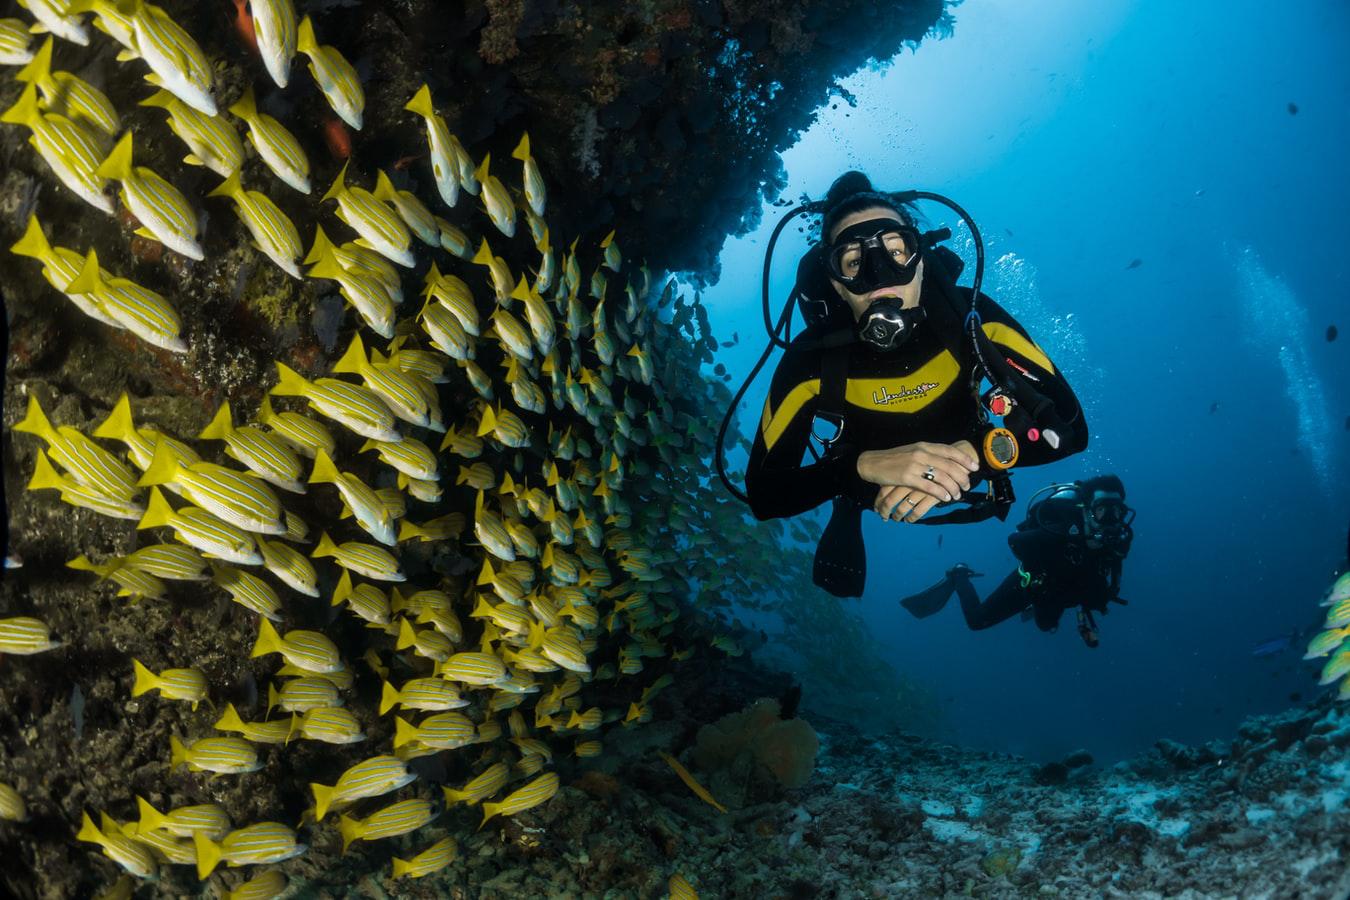 潛水訓練 潛水課程